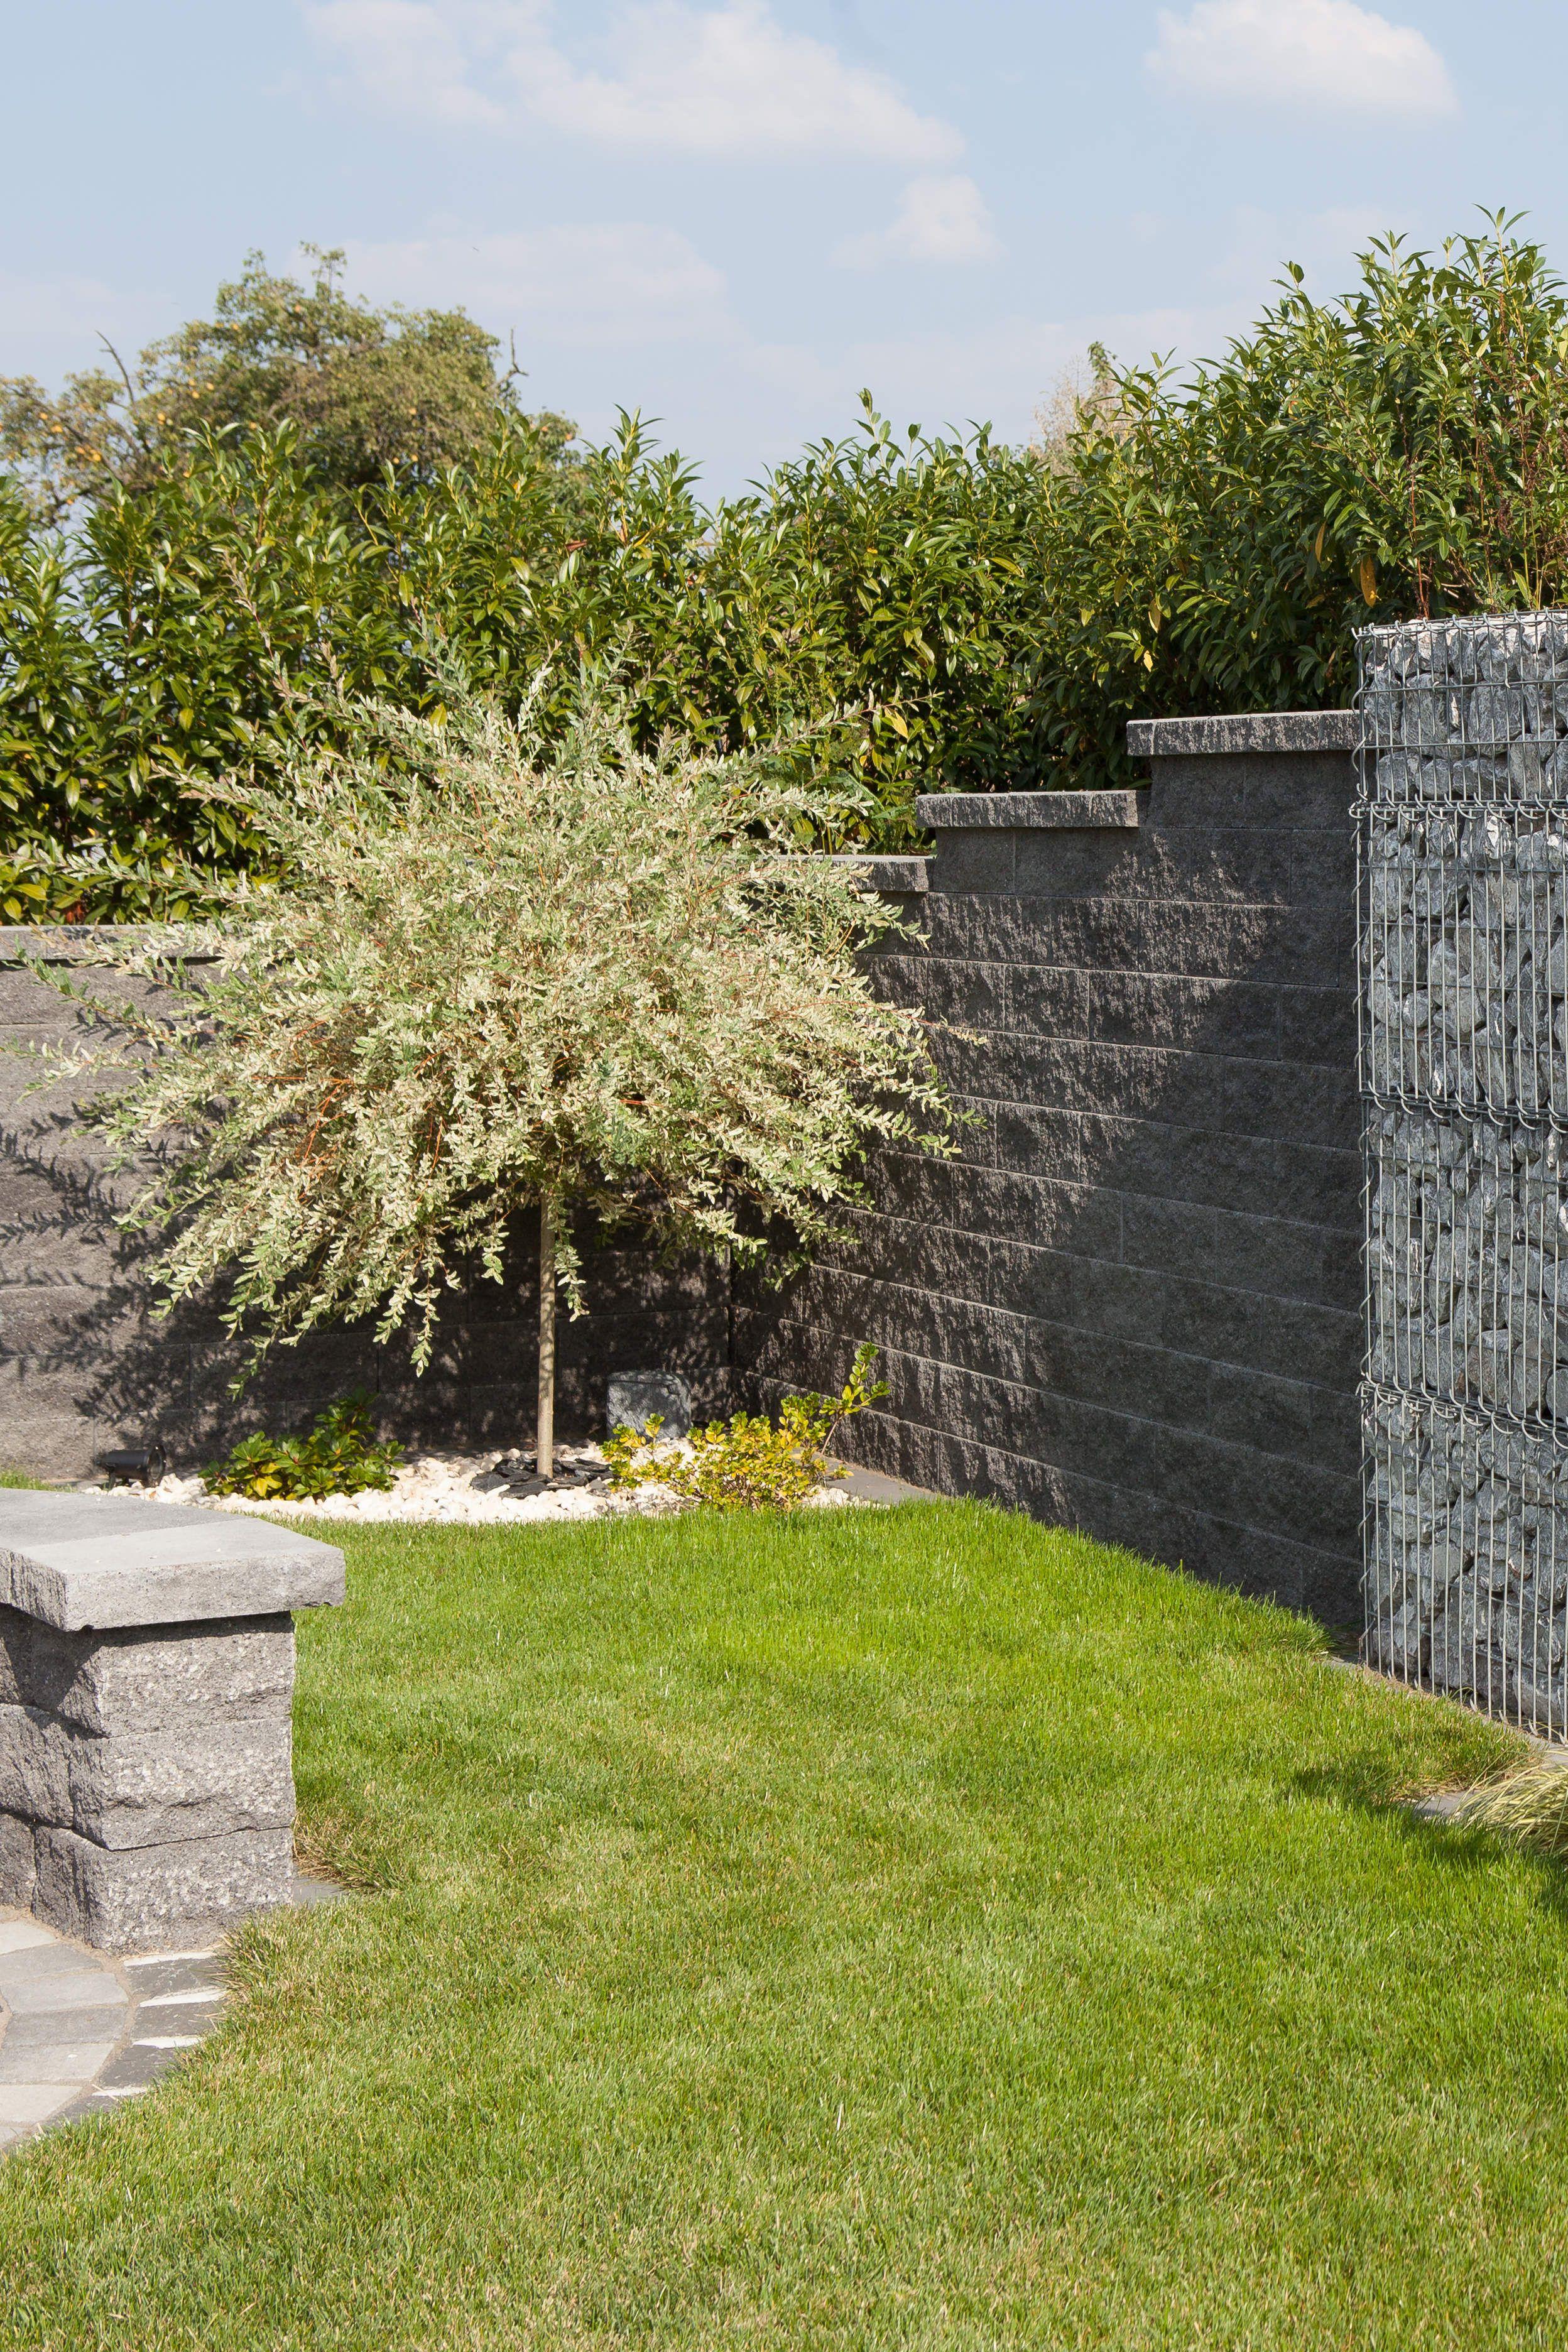 Epic Lockere Gestaltung der Mauer durch verschiedene H hen und verwendete Gabionen Ein toller Mix verschiedener Materialien